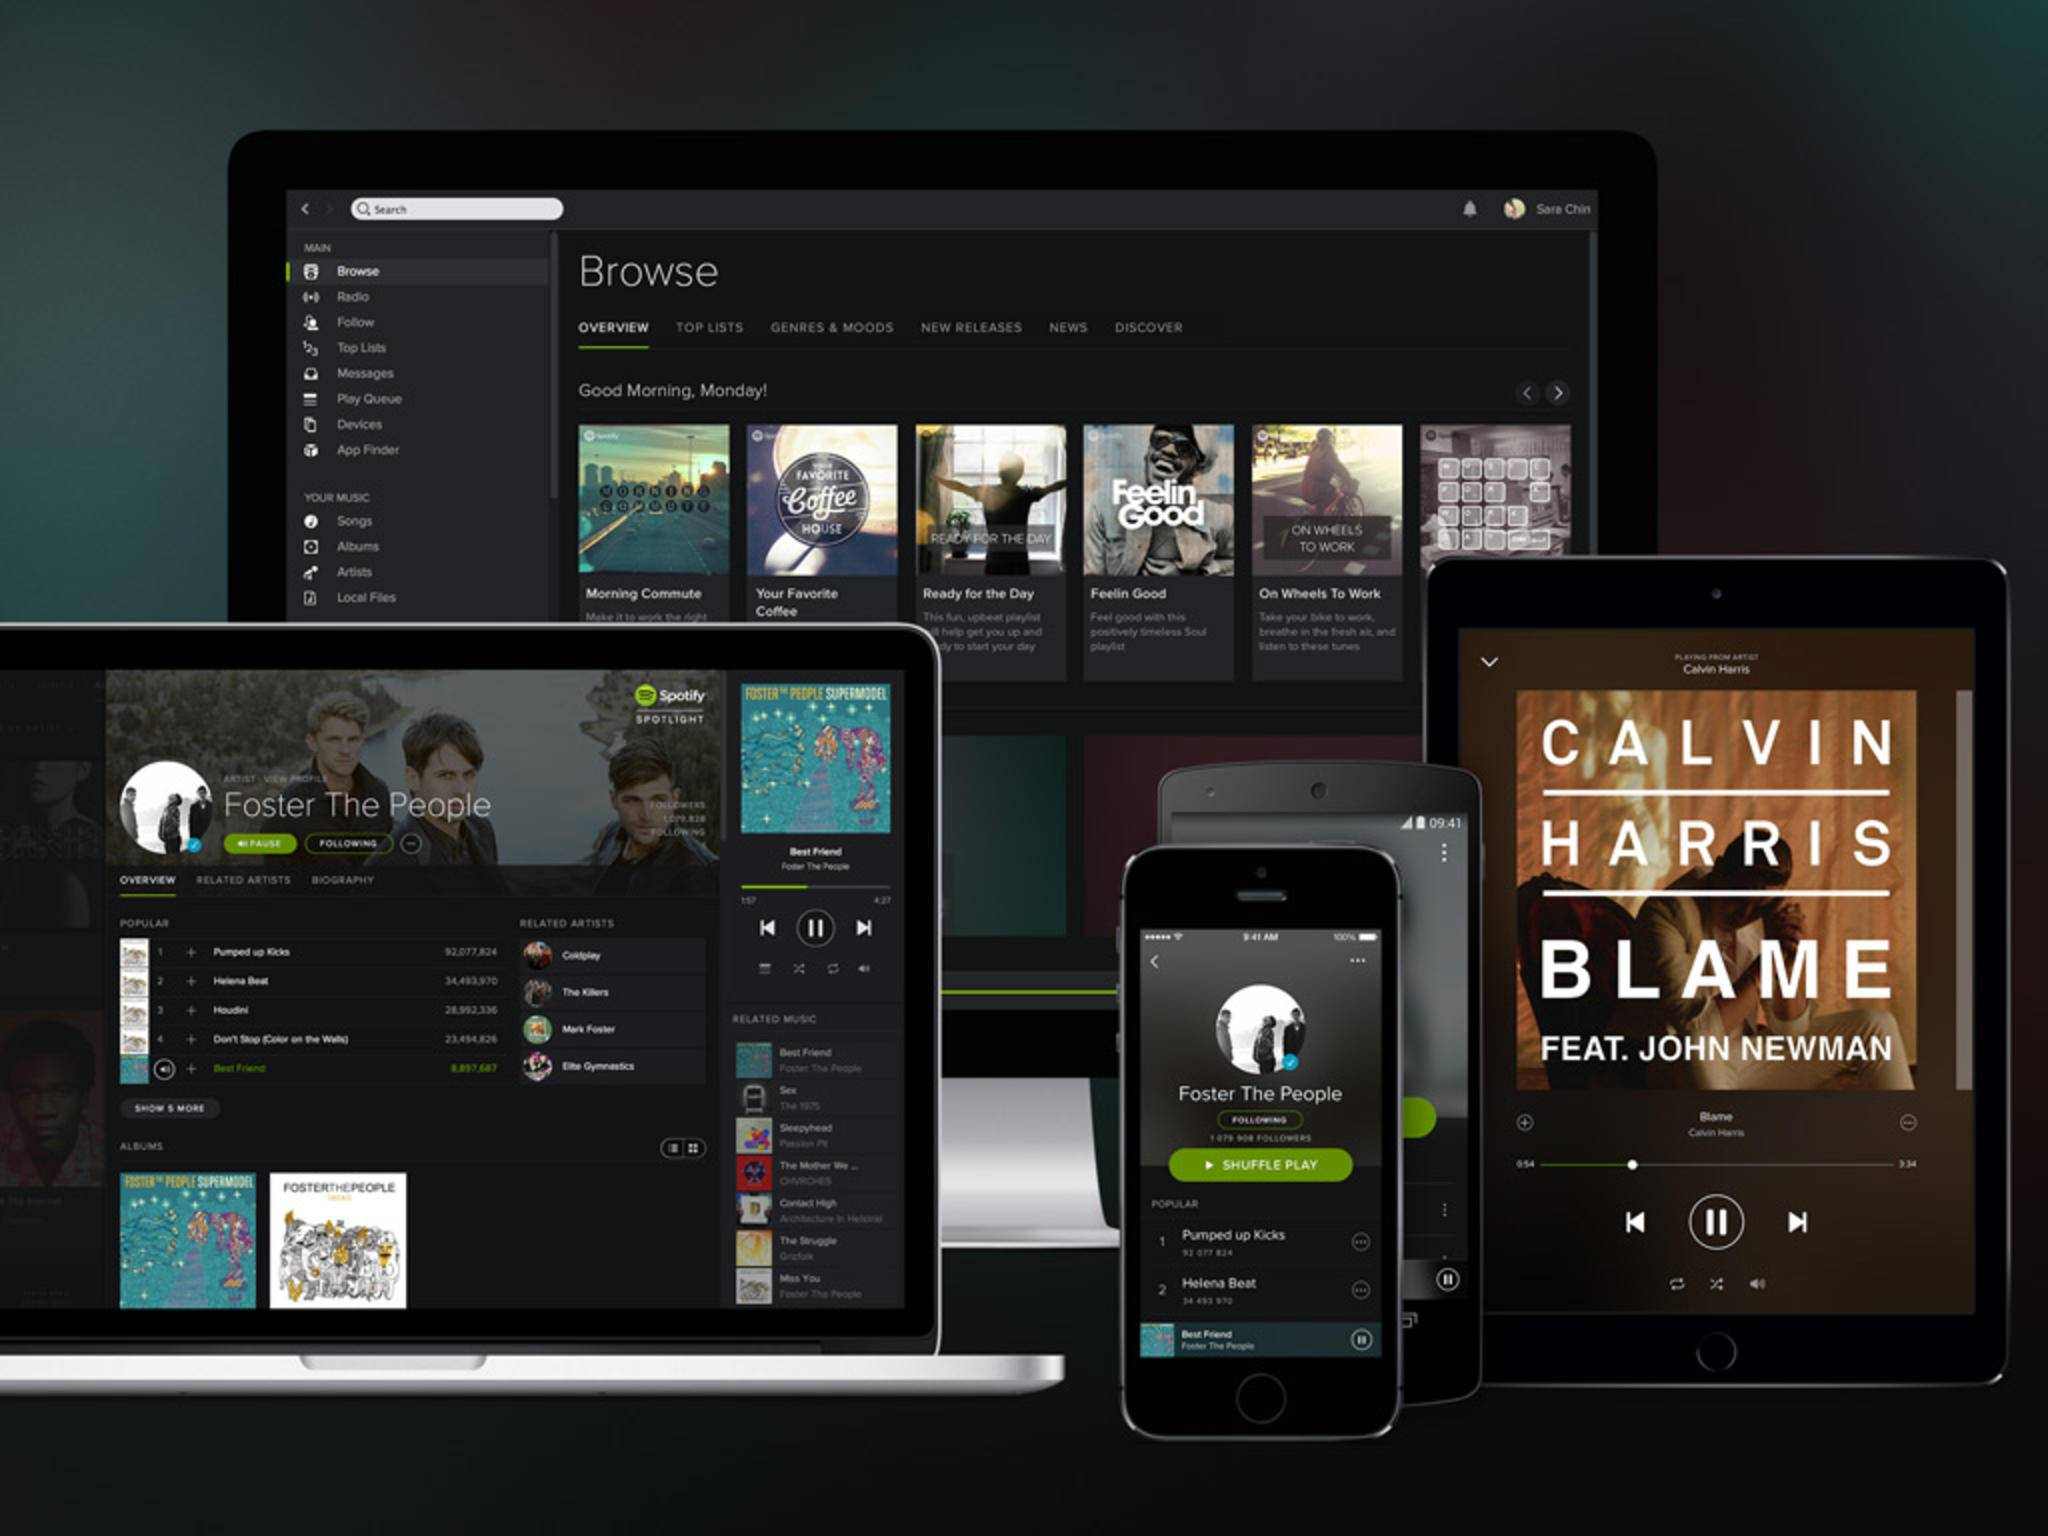 Spotify kannst Du auf vielen verschiedenen Geräten hören - auch gleichzeitig